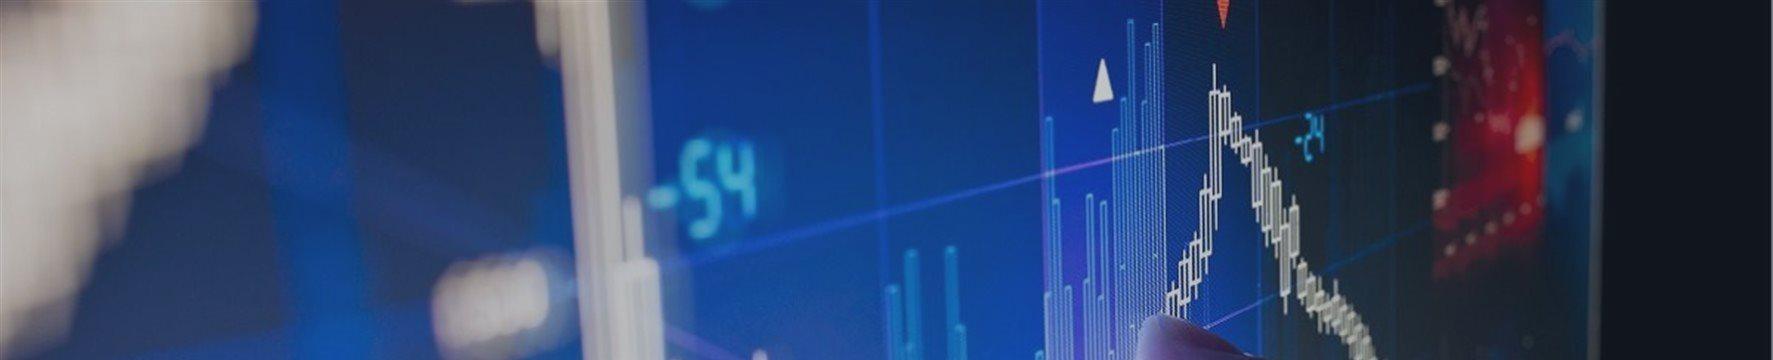 EURUSD. Видеообзор от FxPro